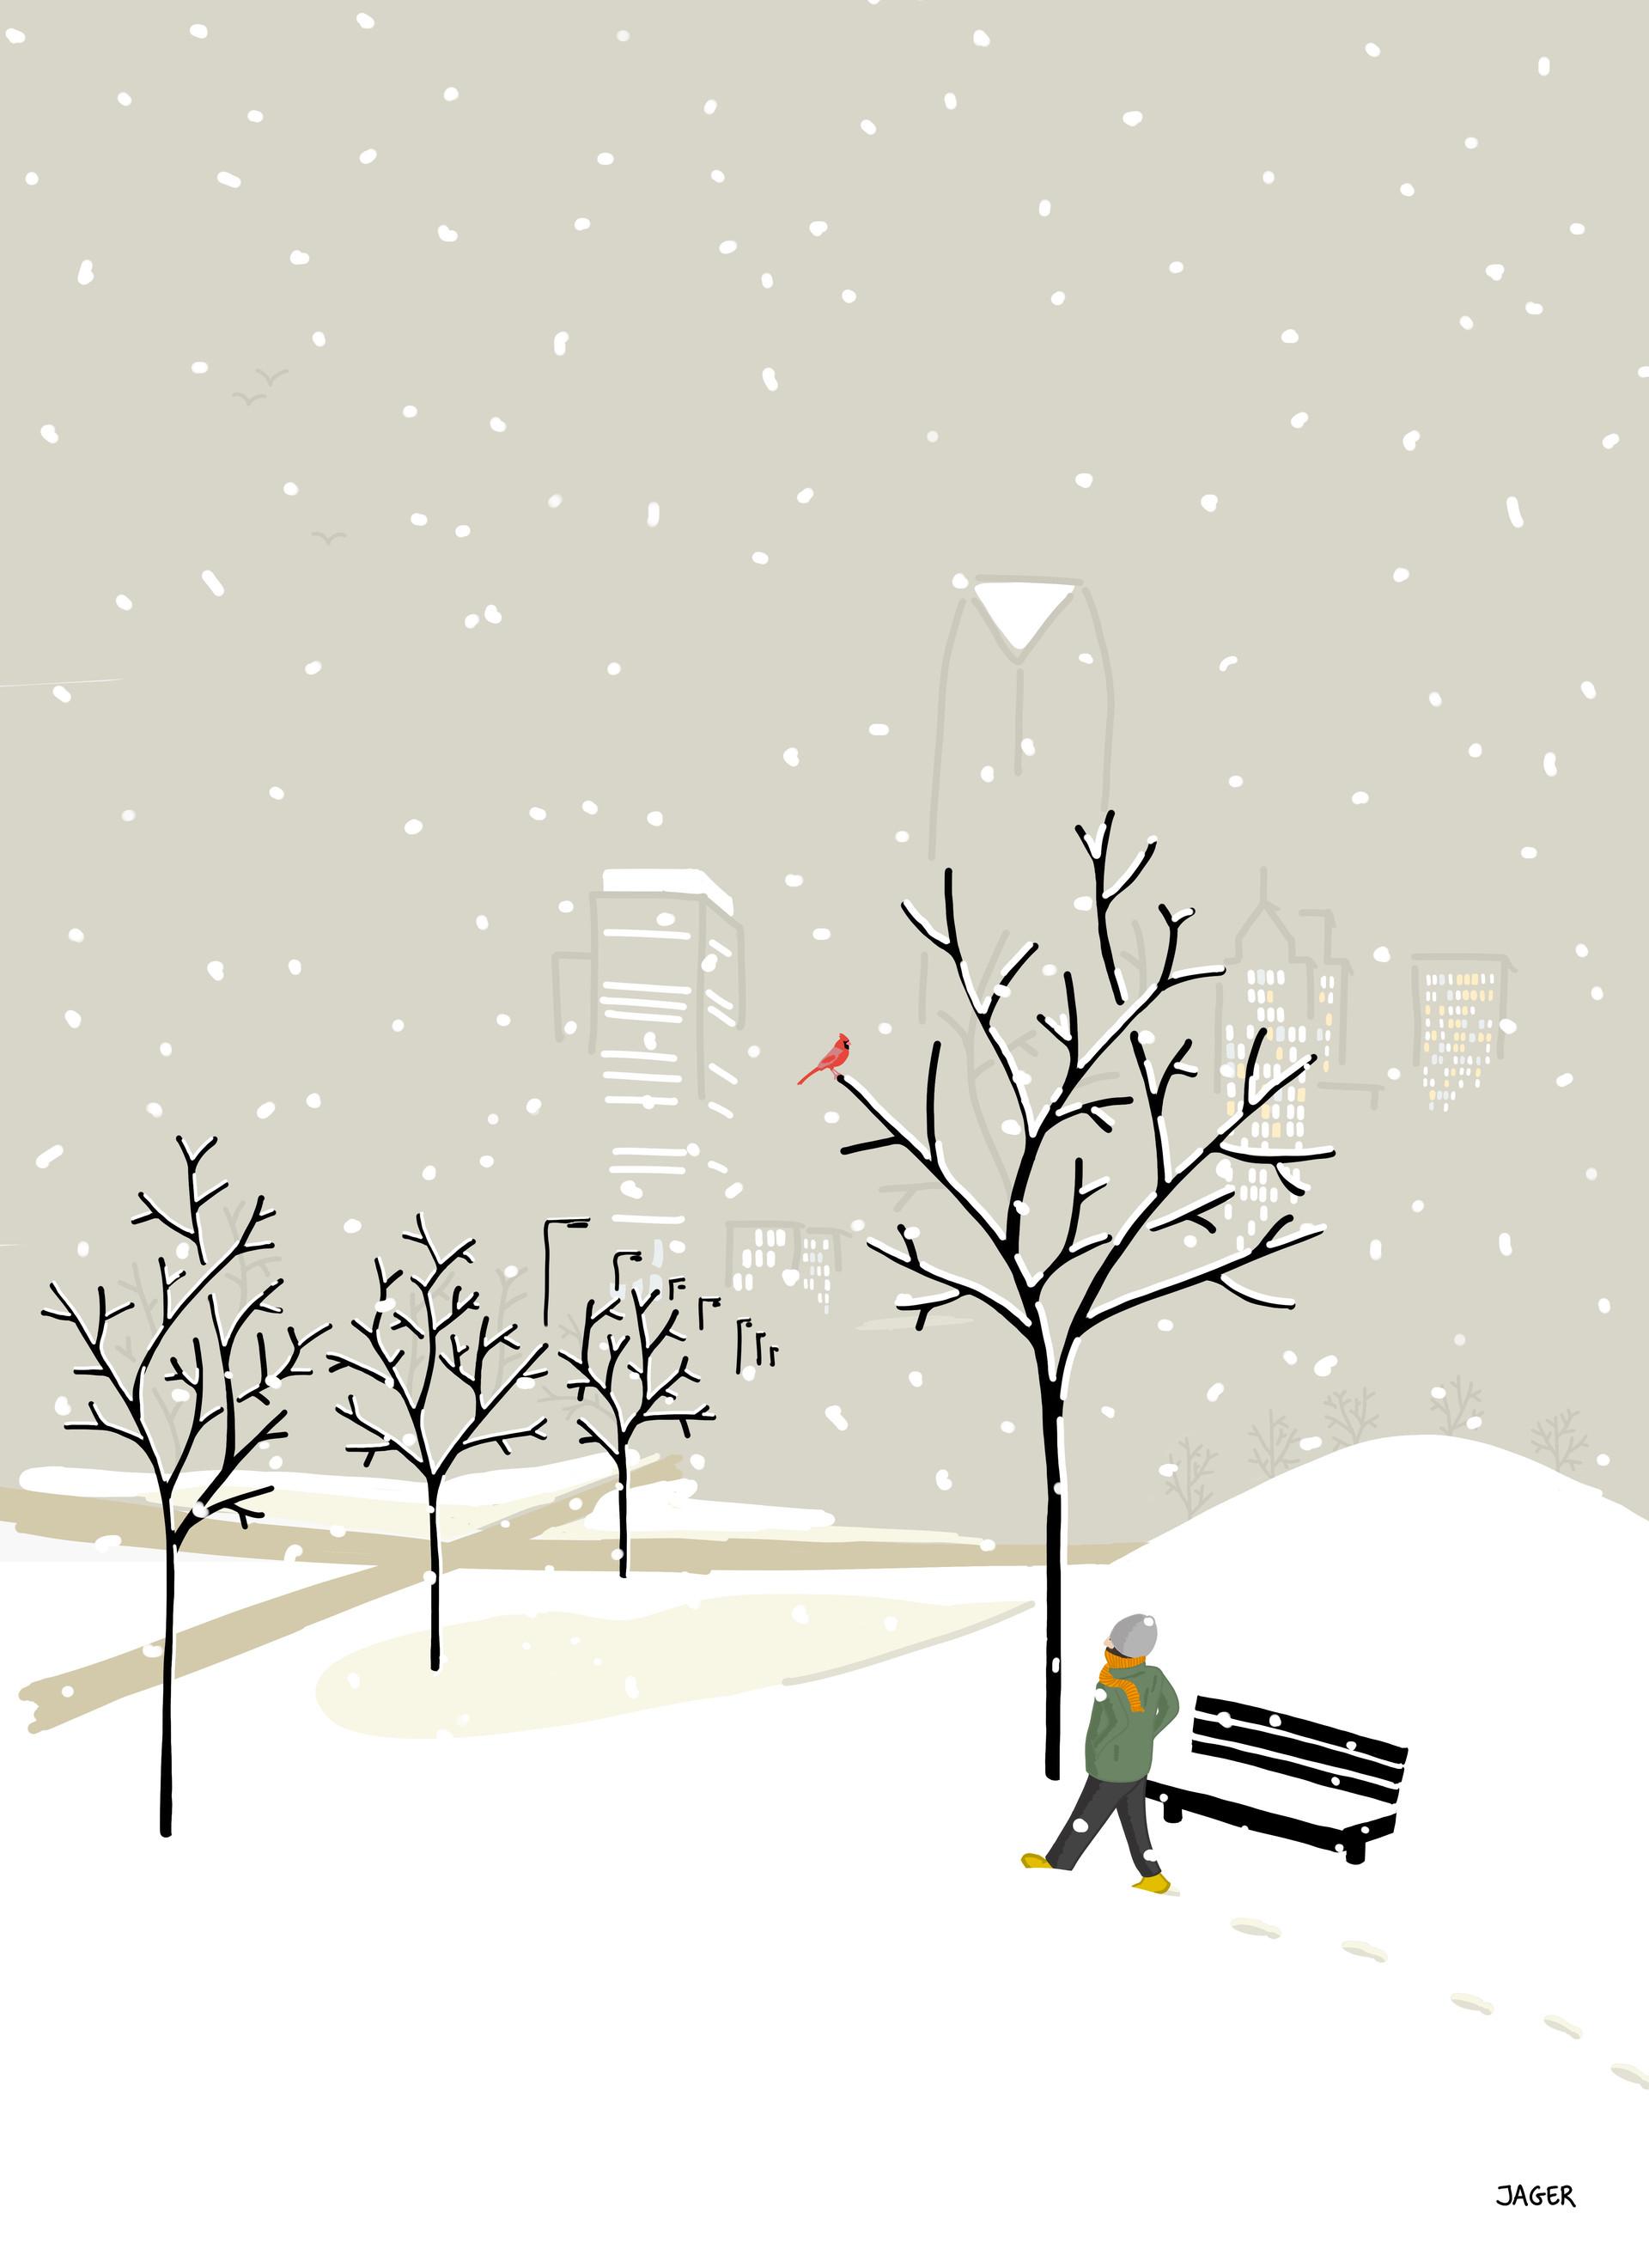 Snowstorm OKC + northern cardinal